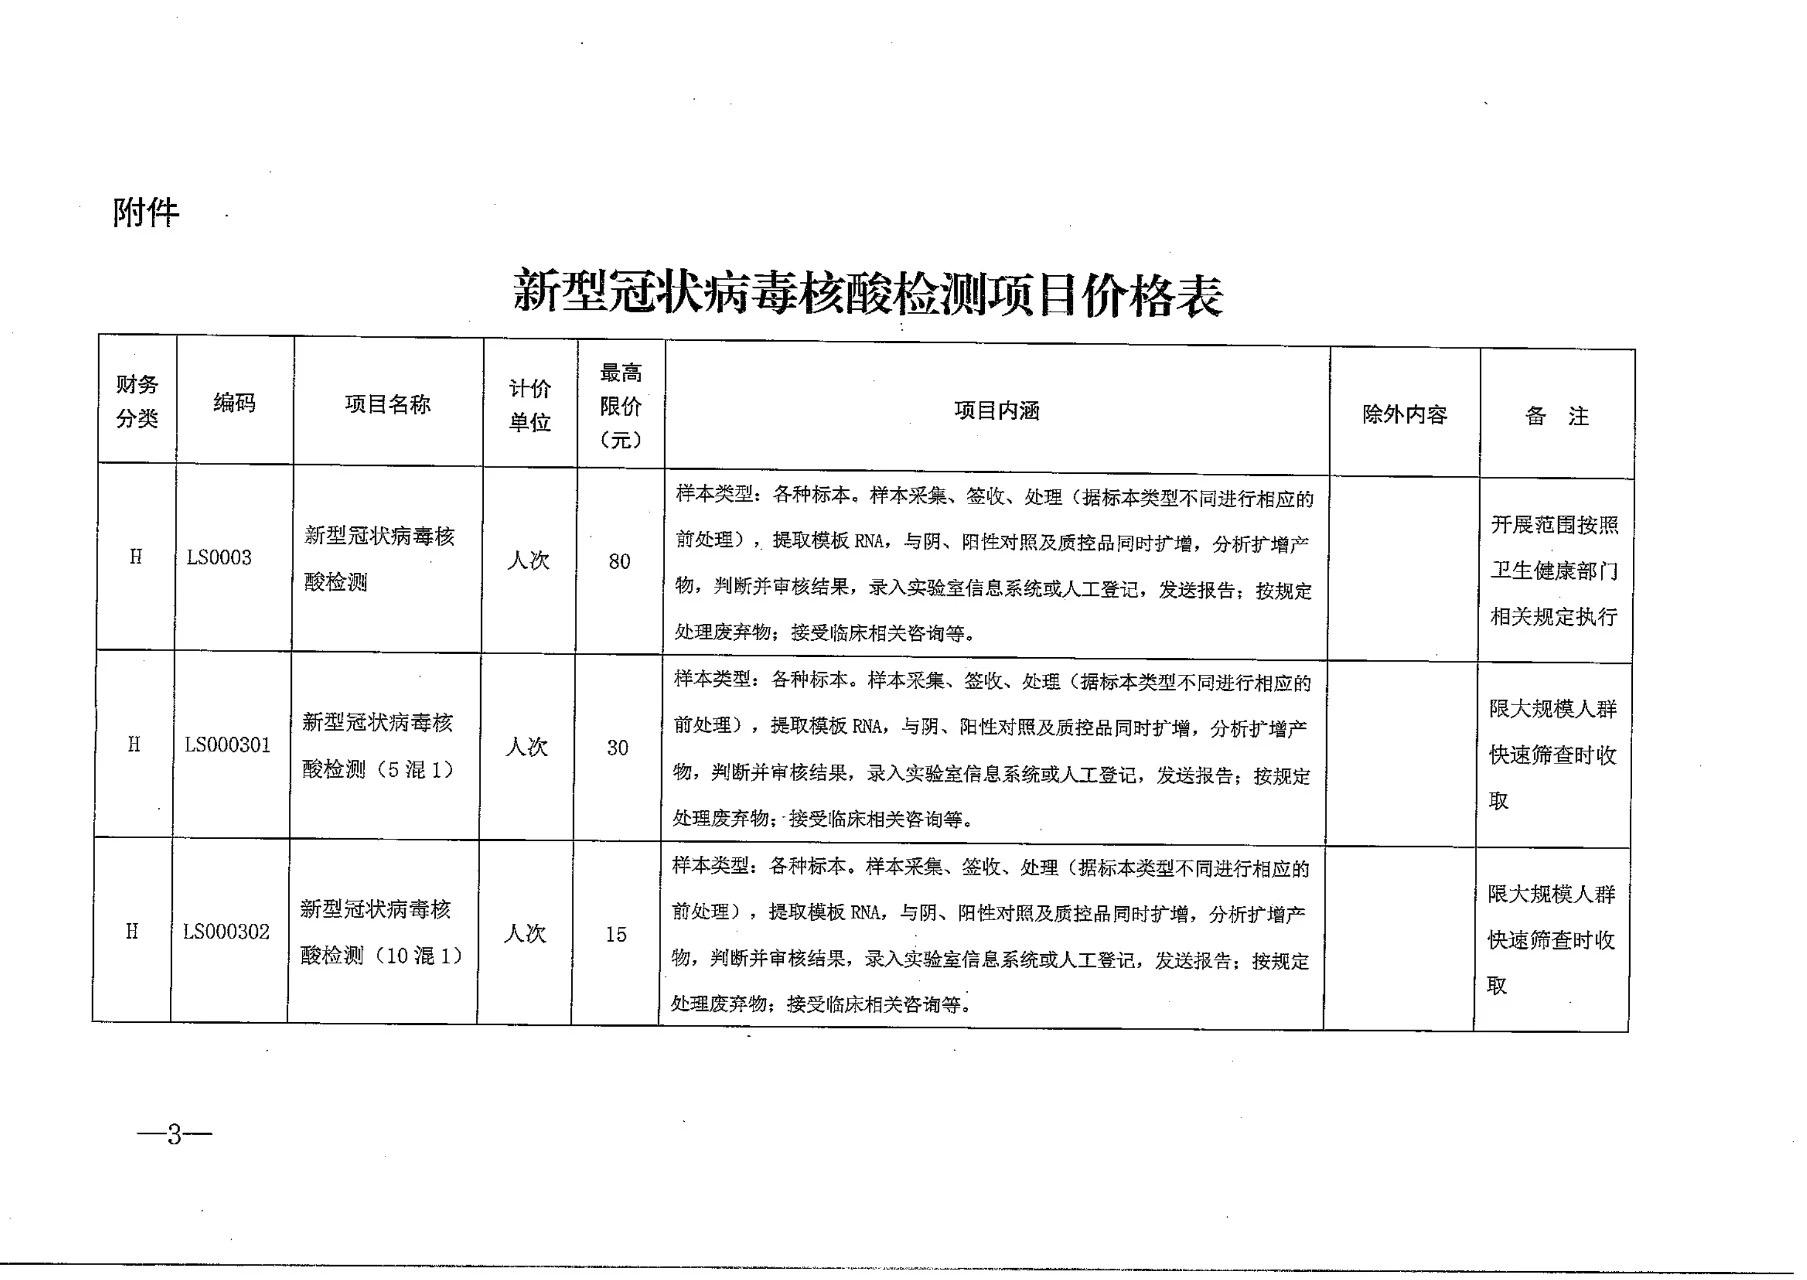 陕西2月1日起新冠病毒检测项目按规定纳入医保支付范围